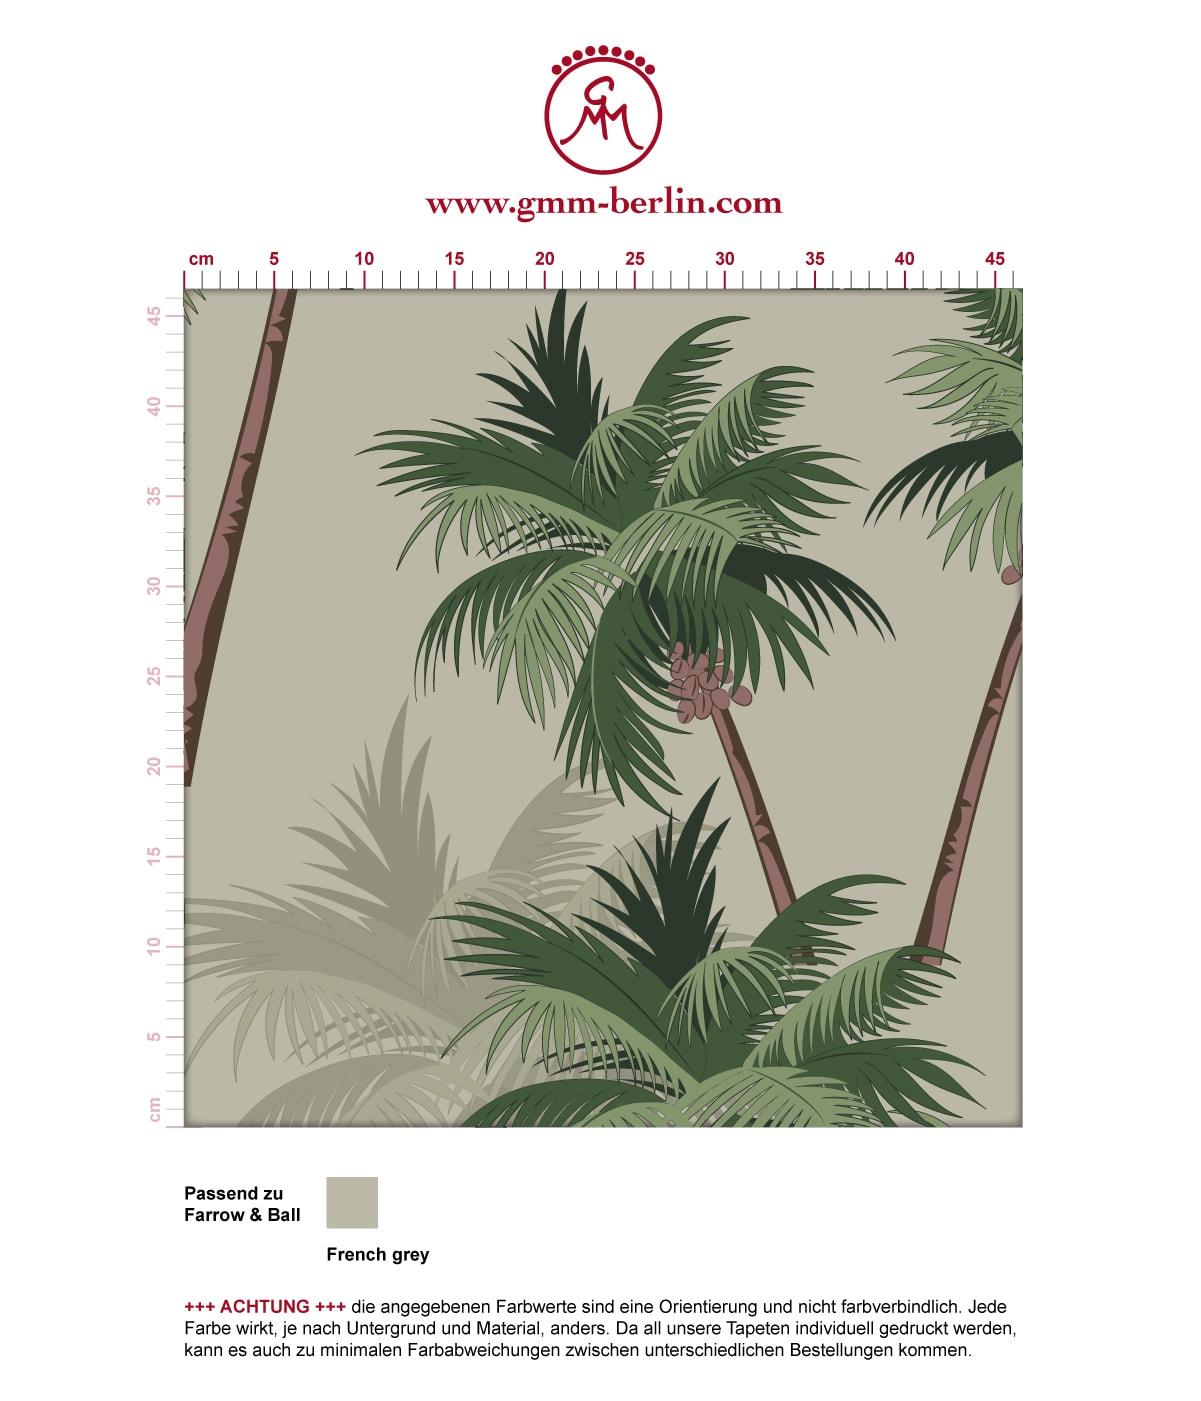 """Sommer, Sonne, Strand Tapete """"im Palmenhain"""" mit großen Palmen auf grau angepasst an Farrow and Ball Wandfarben. Aus dem GMM-BERLIN.com Sortiment: Schöne Tapeten in creme Farbe"""